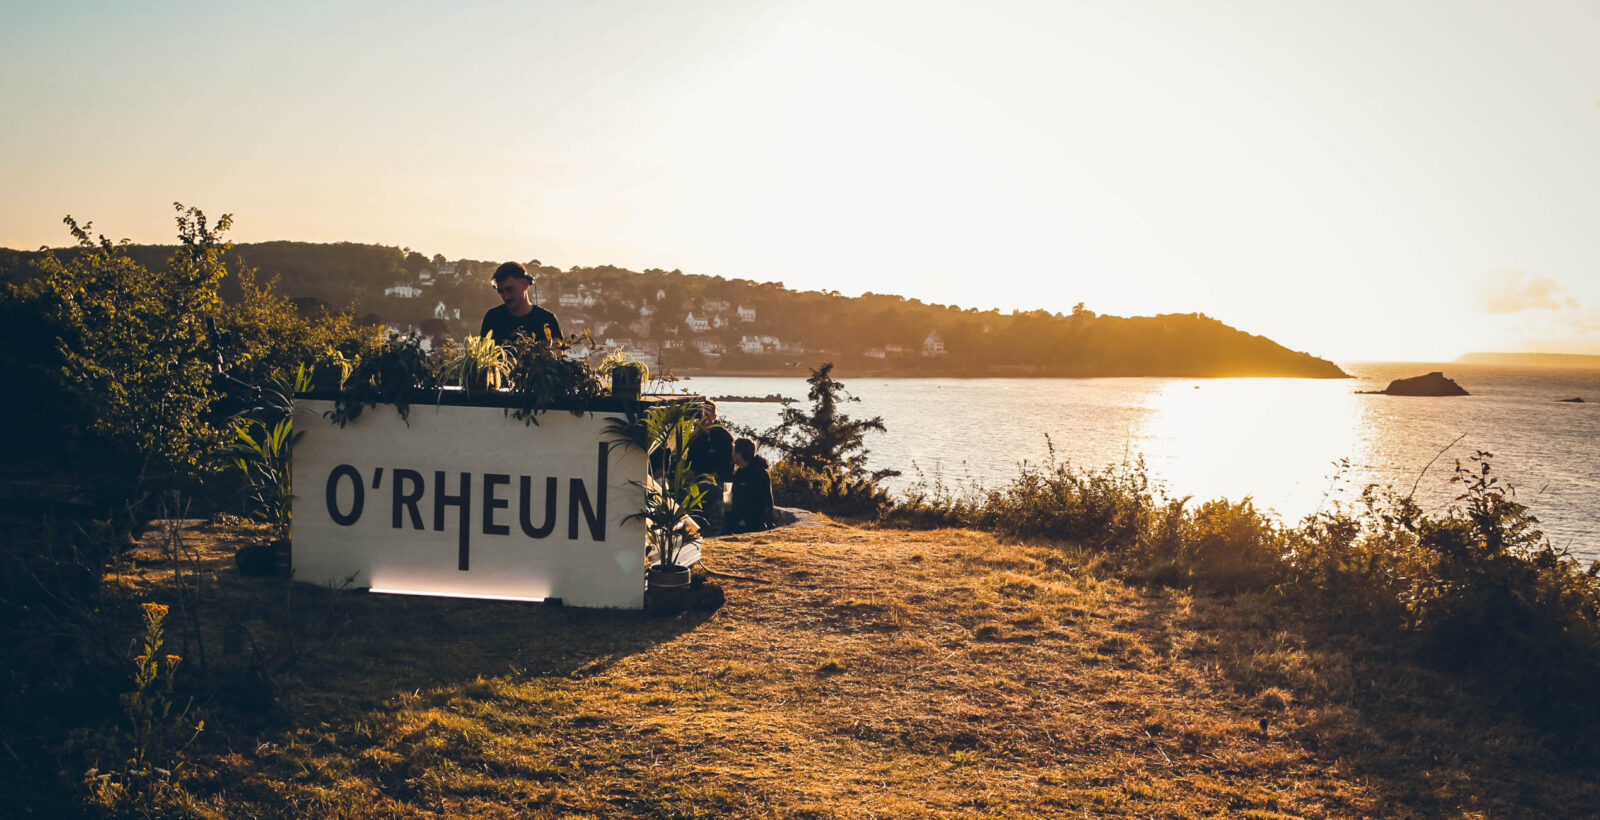 O'Rheun